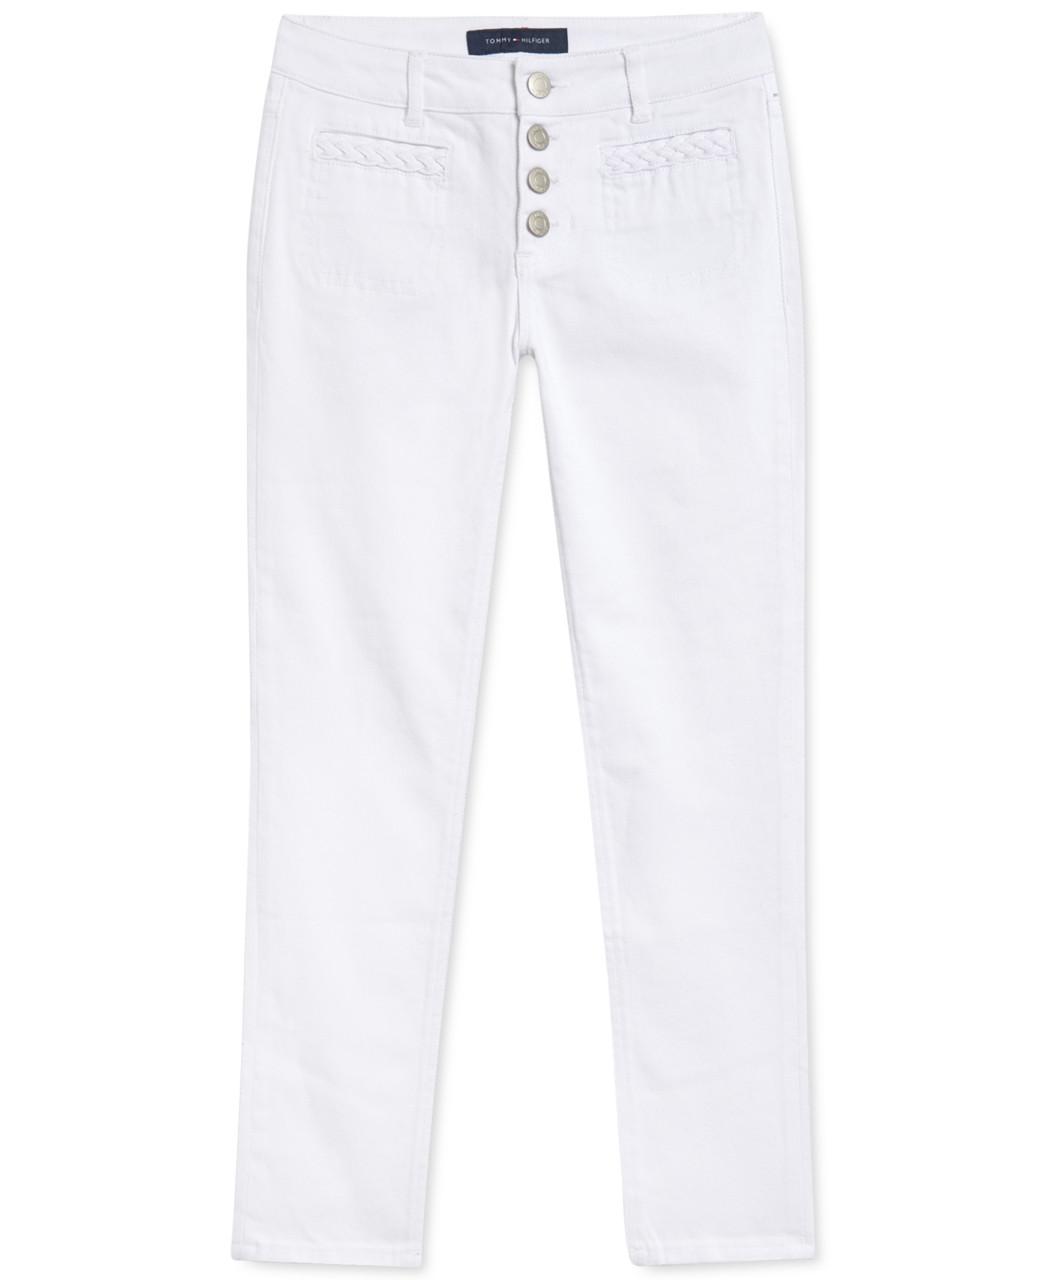 Tommy Hilfiger Детские штаны для девочек-А4